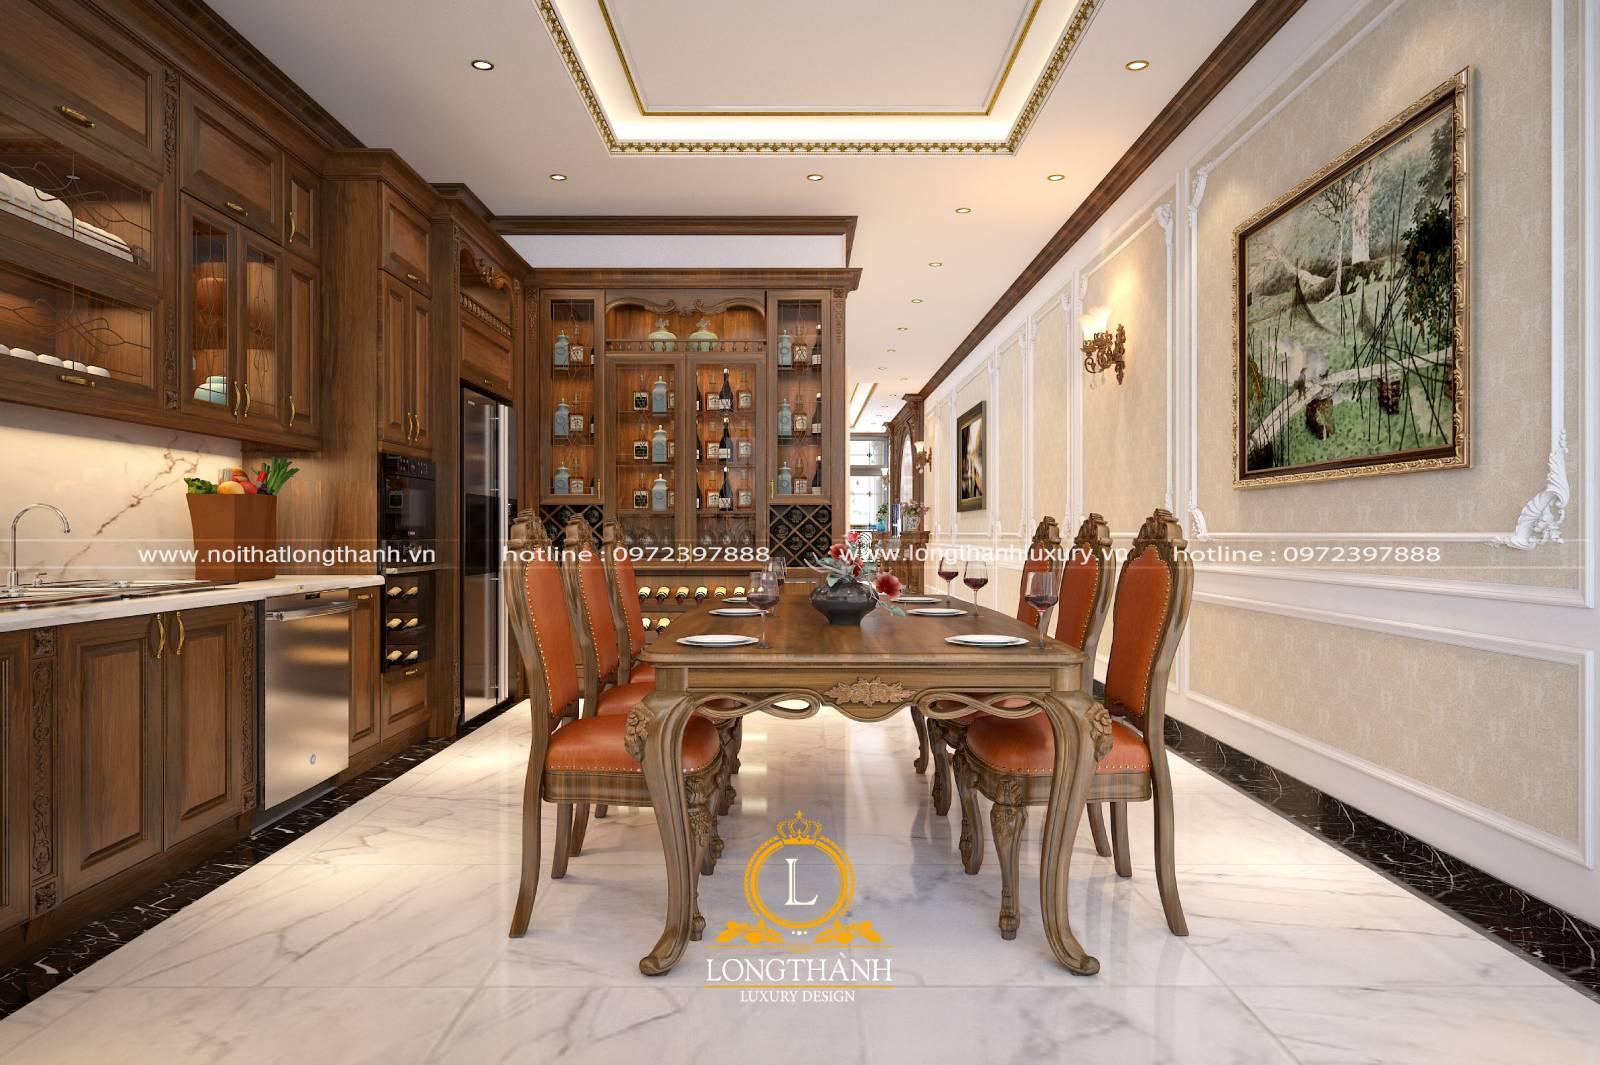 Trang trí tủ bếp hết hợp bàn ăn tiện lợi cho không gian bếp hẹp